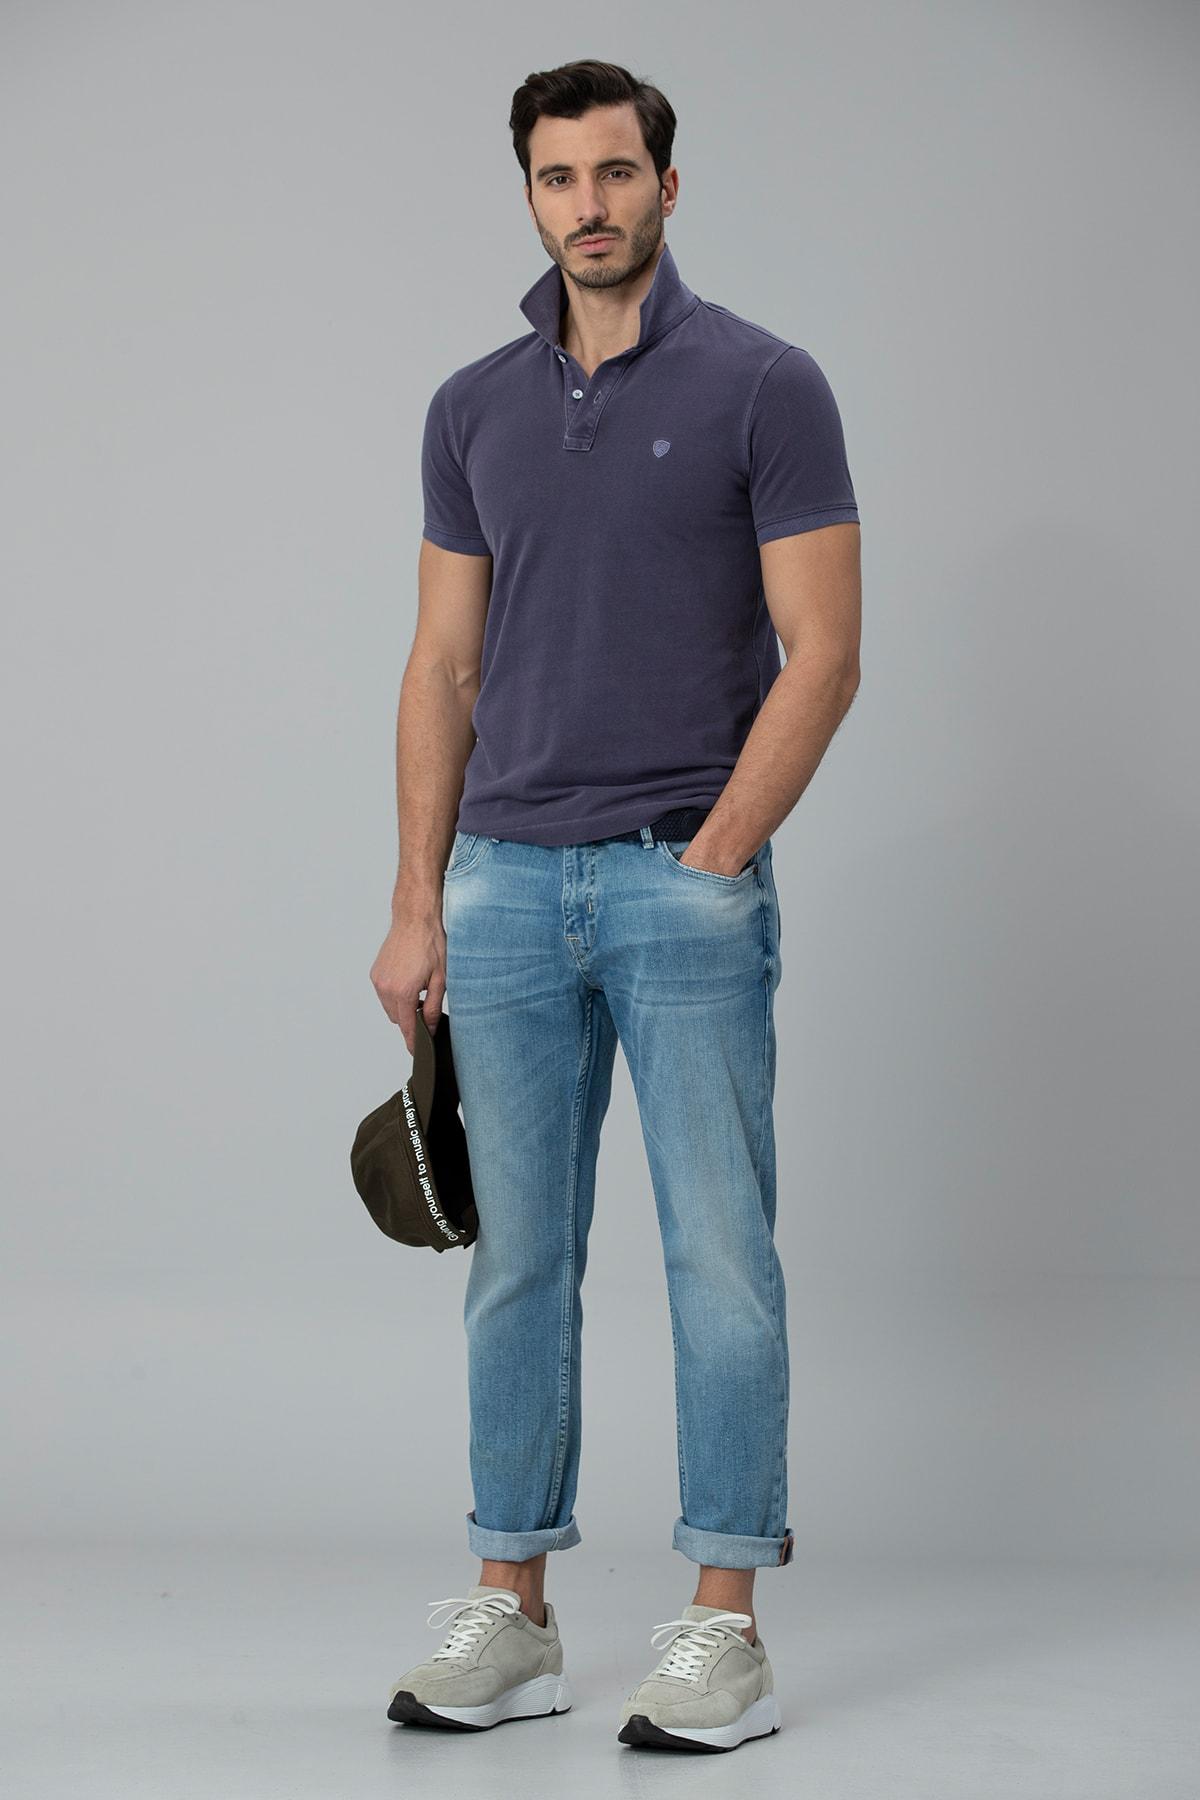 Lufian Ege Smart Jean Pantolon Regular Fit Gök Mavi 2